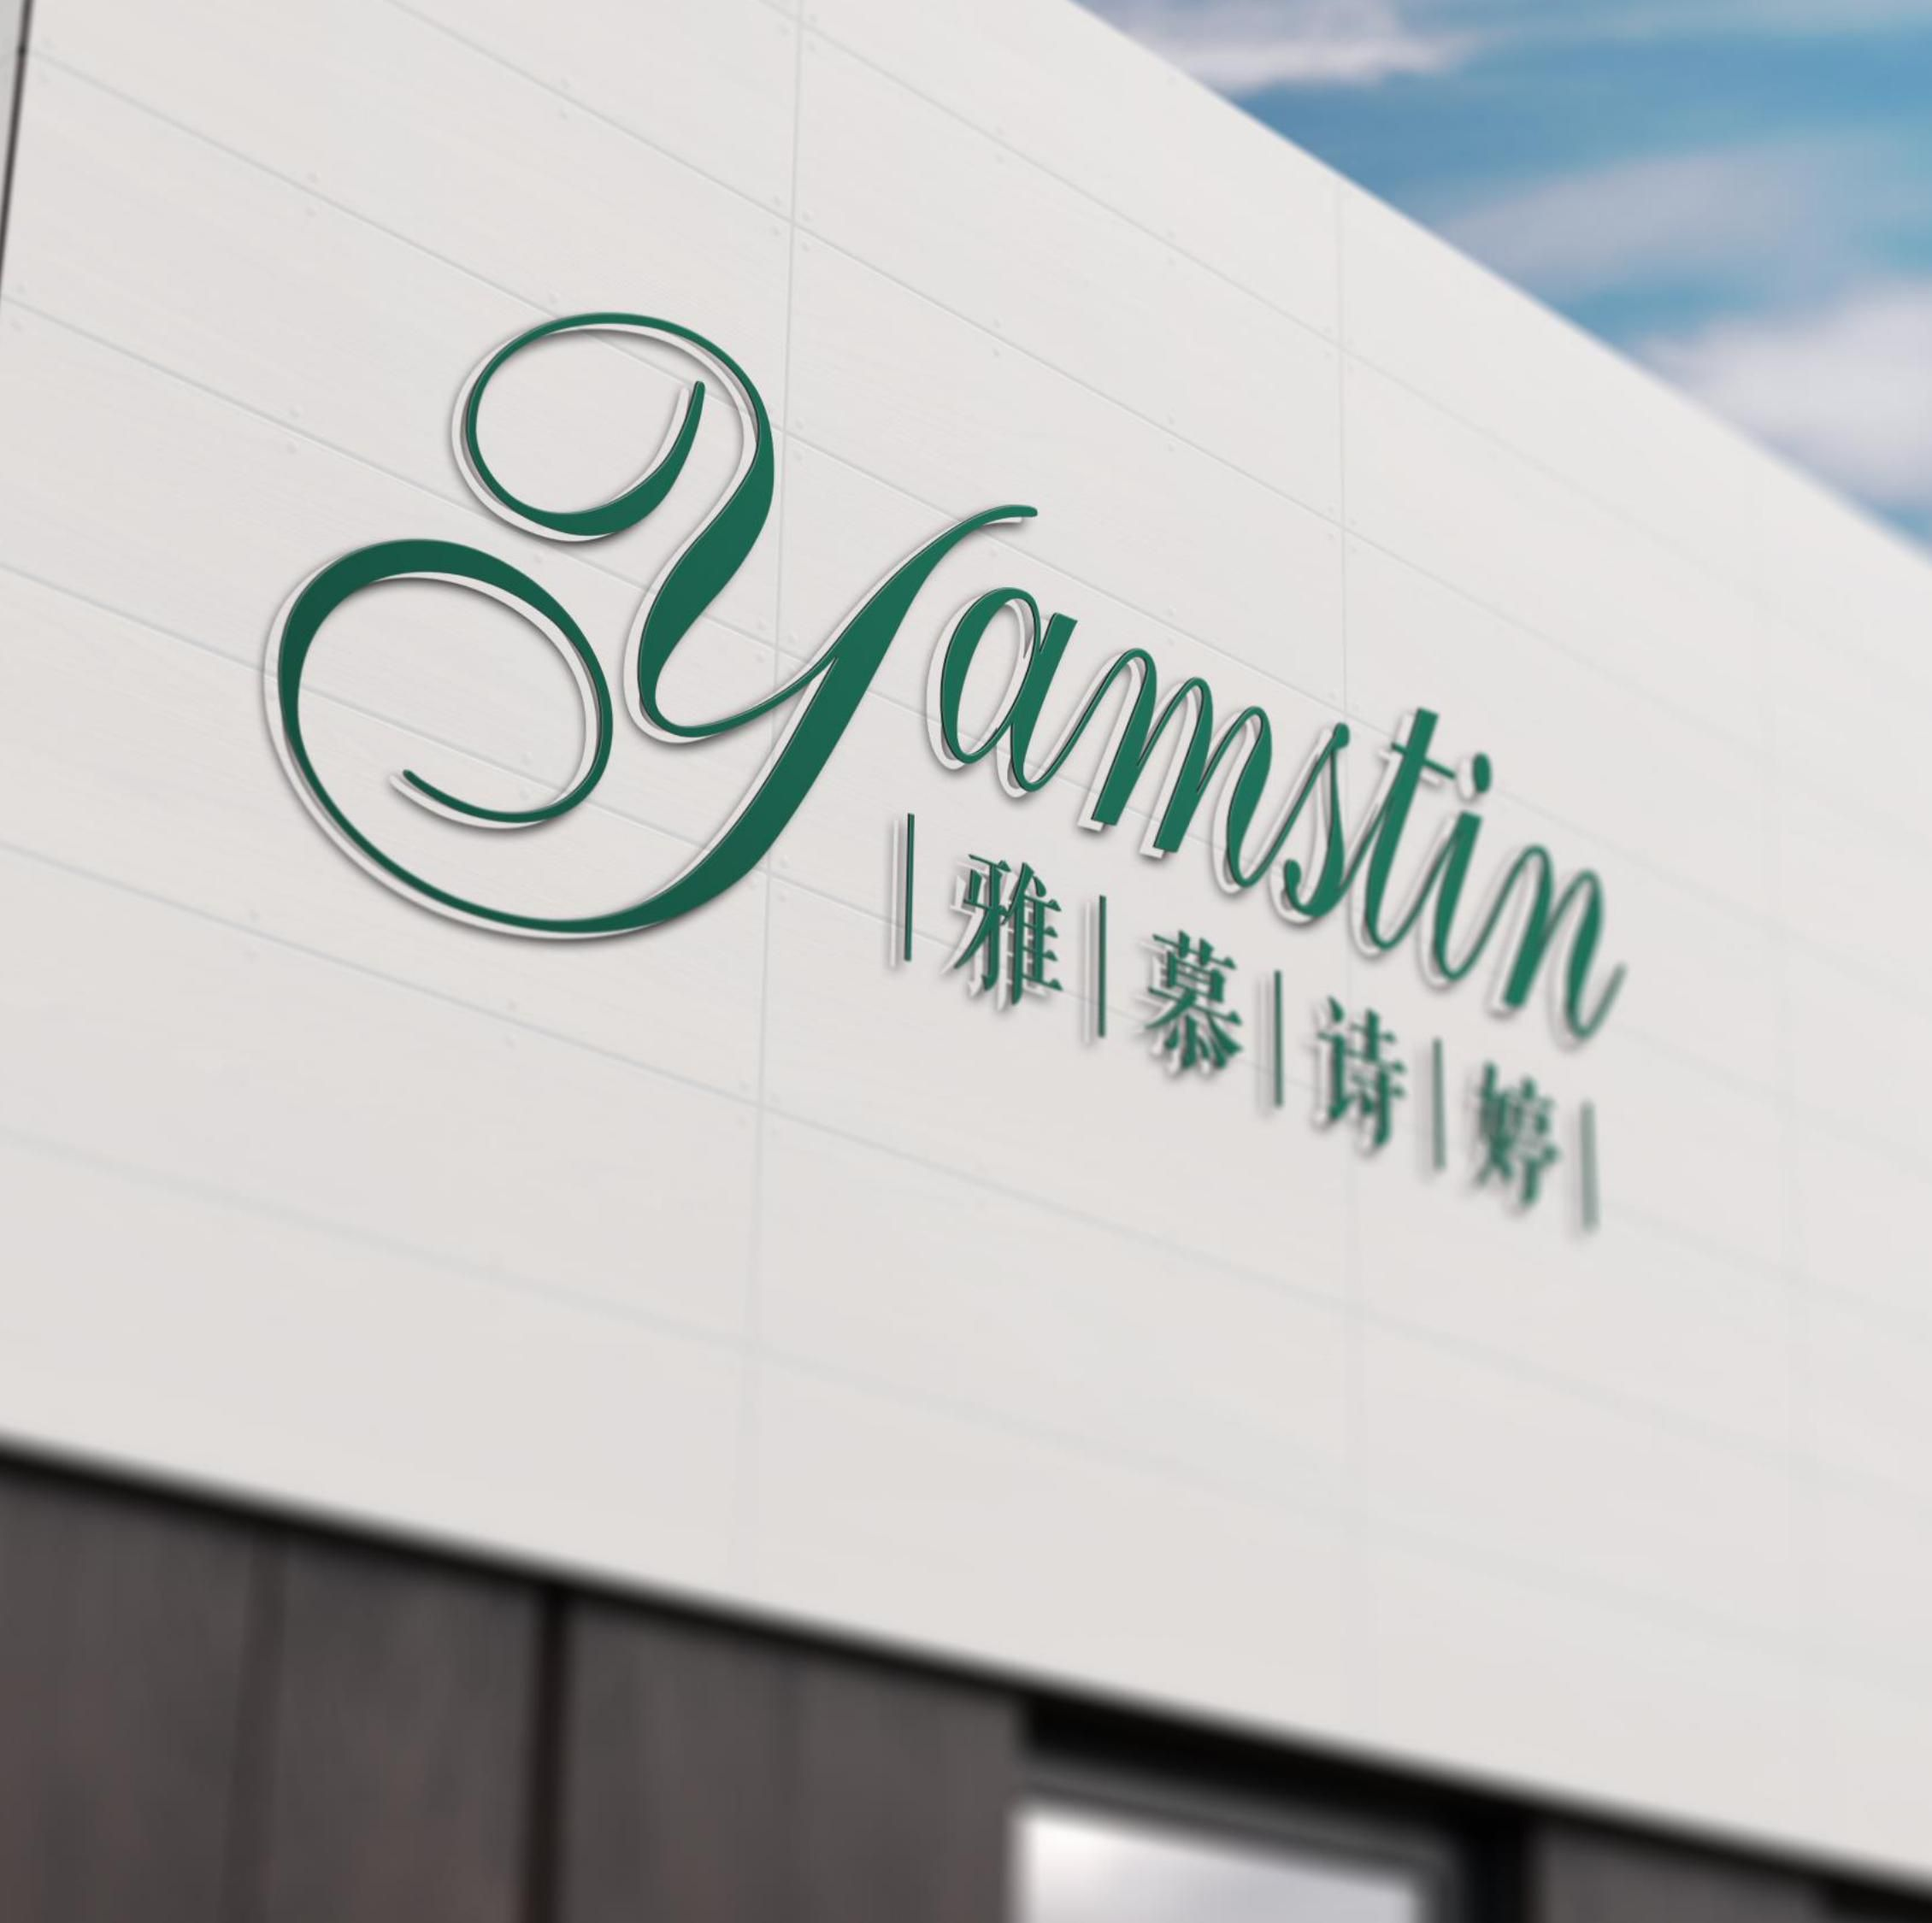 雅慕诗婷企业形象升级设计